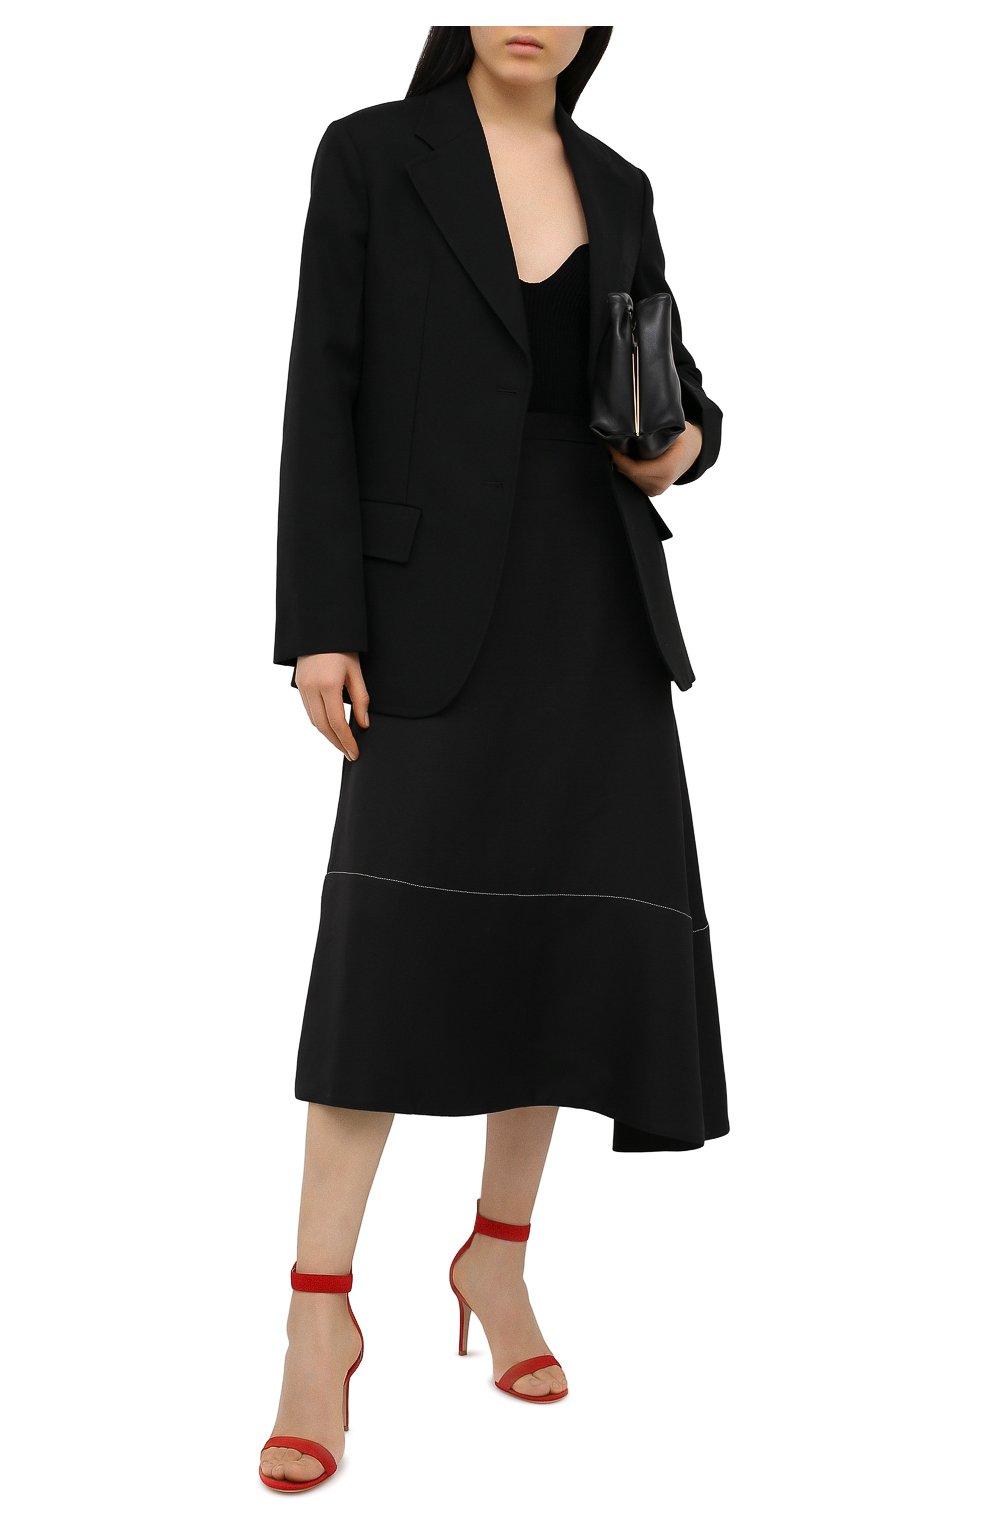 Женские замшевые босоножки portofino GIANVITO ROSSI красного цвета, арт. G60953.85RIC.CAMTABS | Фото 2 (Каблук высота: Высокий; Материал внутренний: Натуральная кожа; Каблук тип: Шпилька; Подошва: Плоская; Материал внешний: Замша)